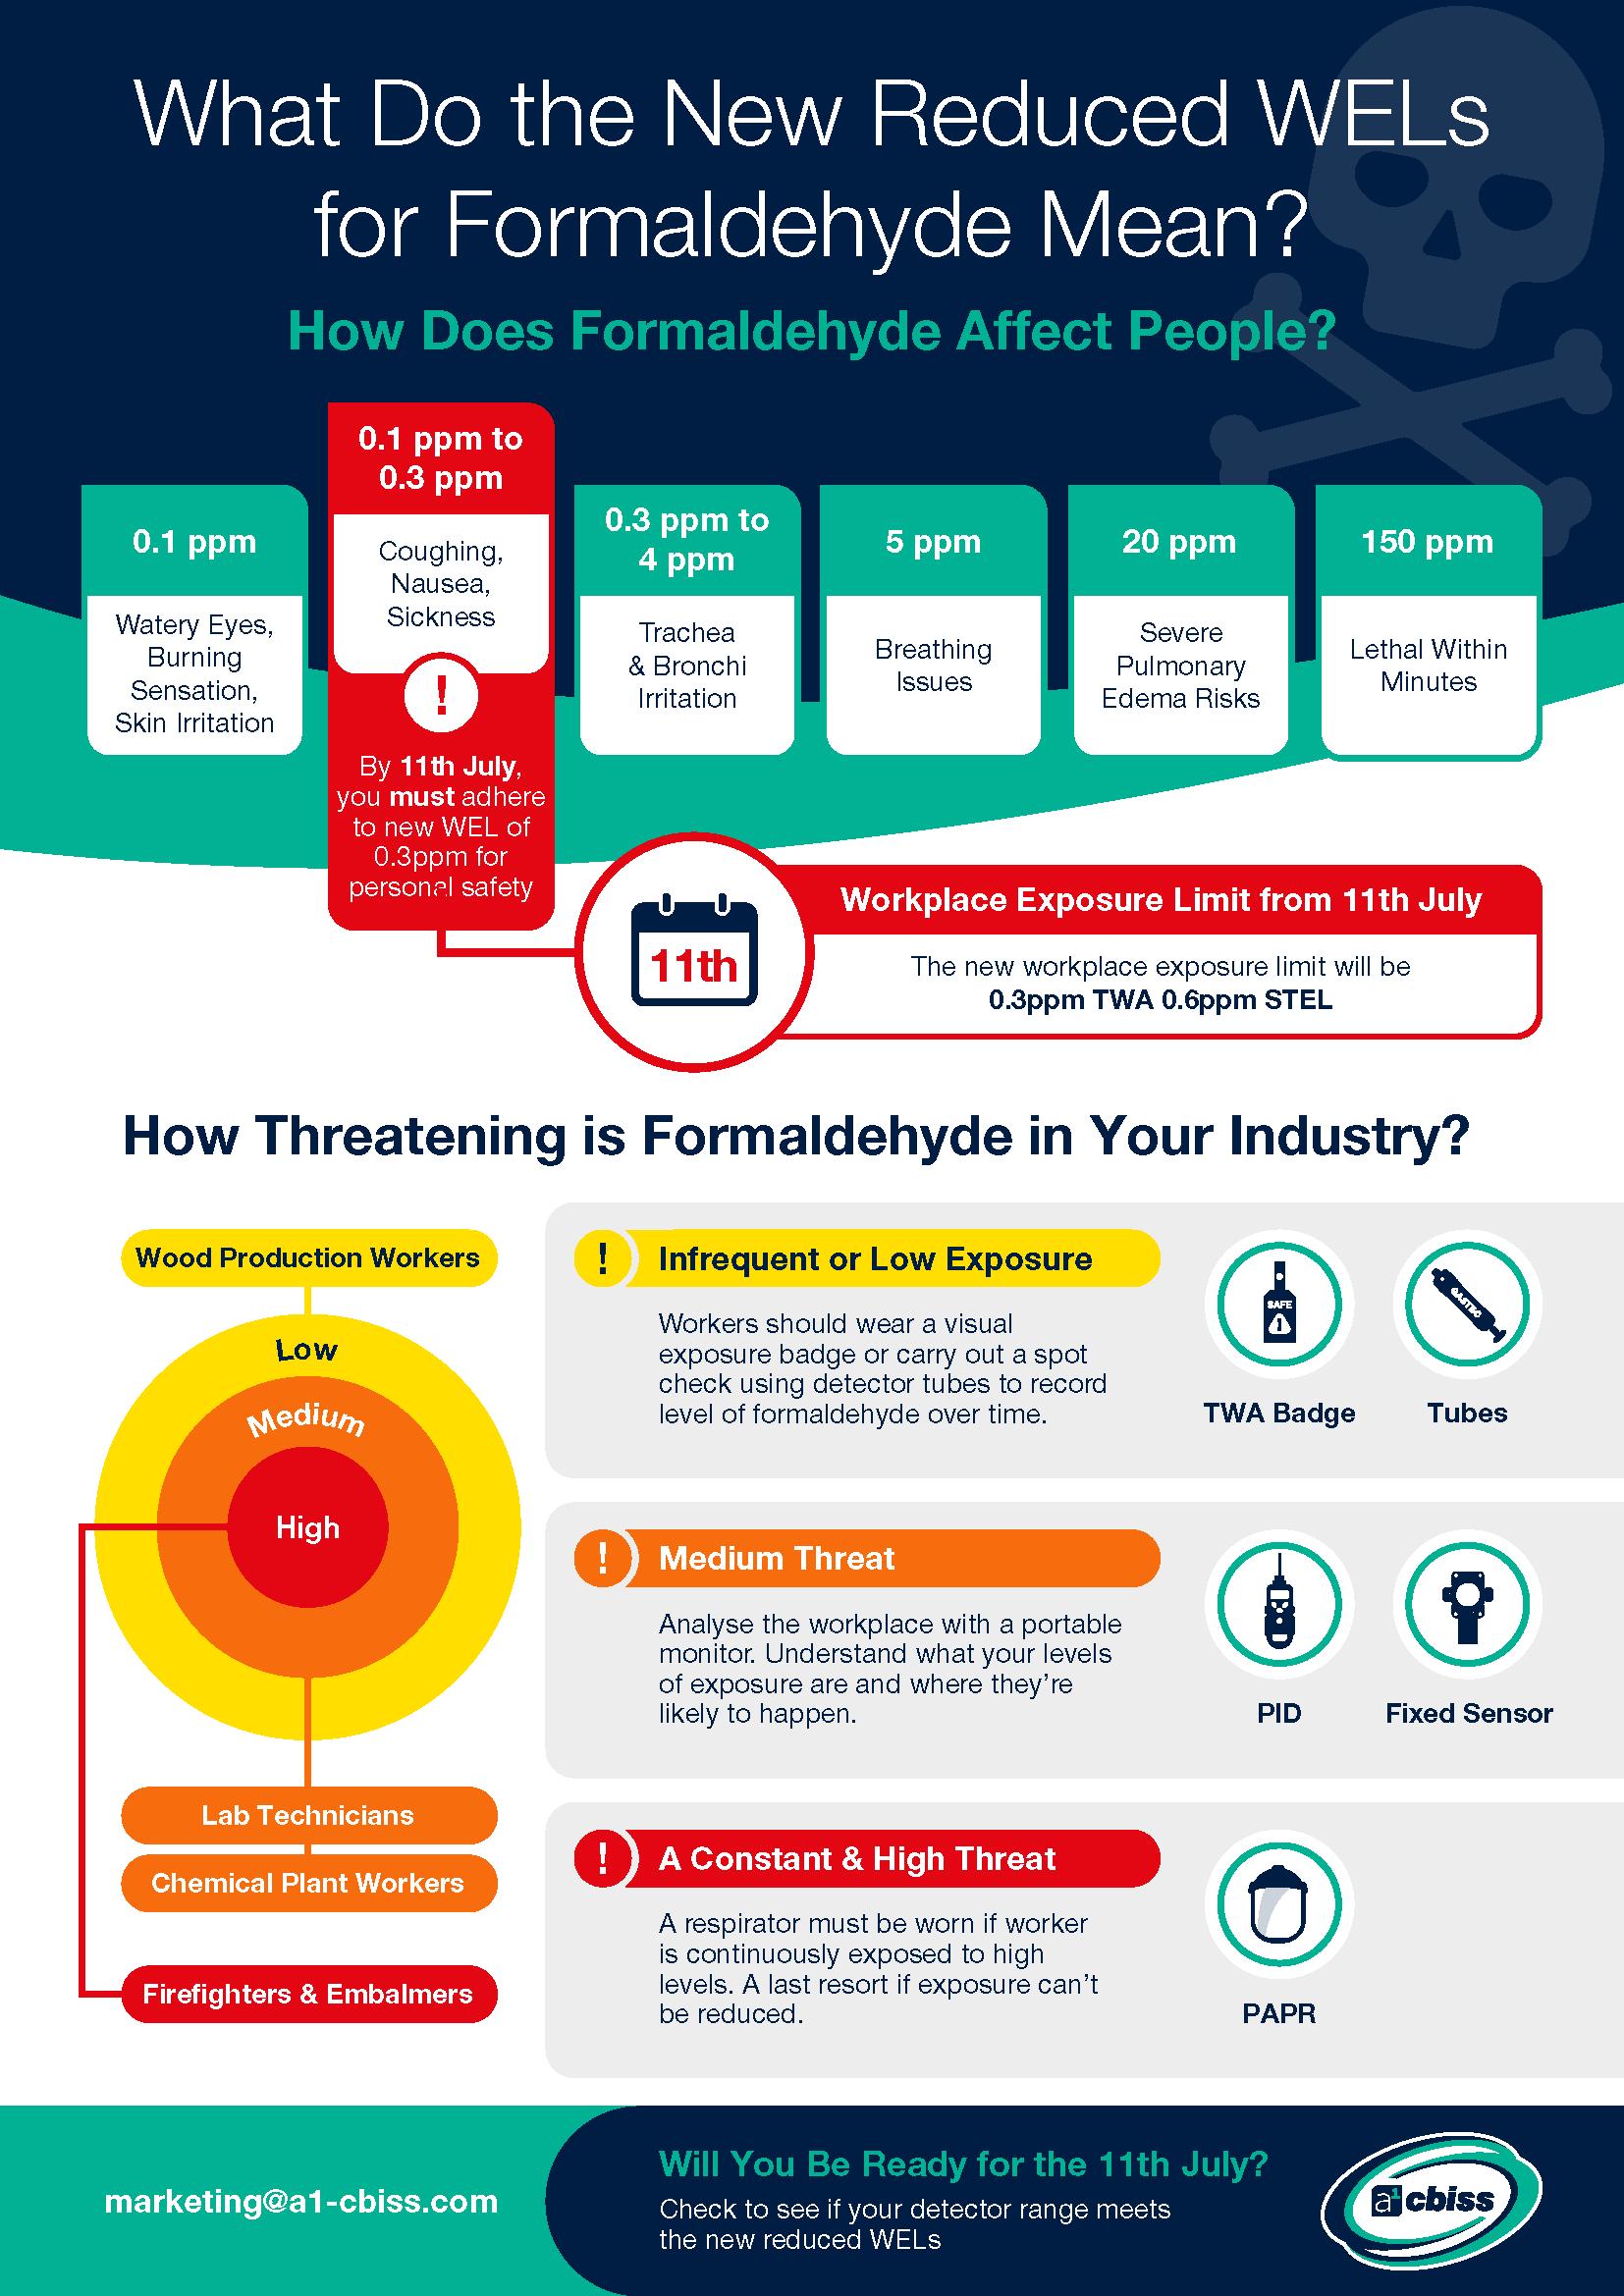 Formaldehyde exposure limits